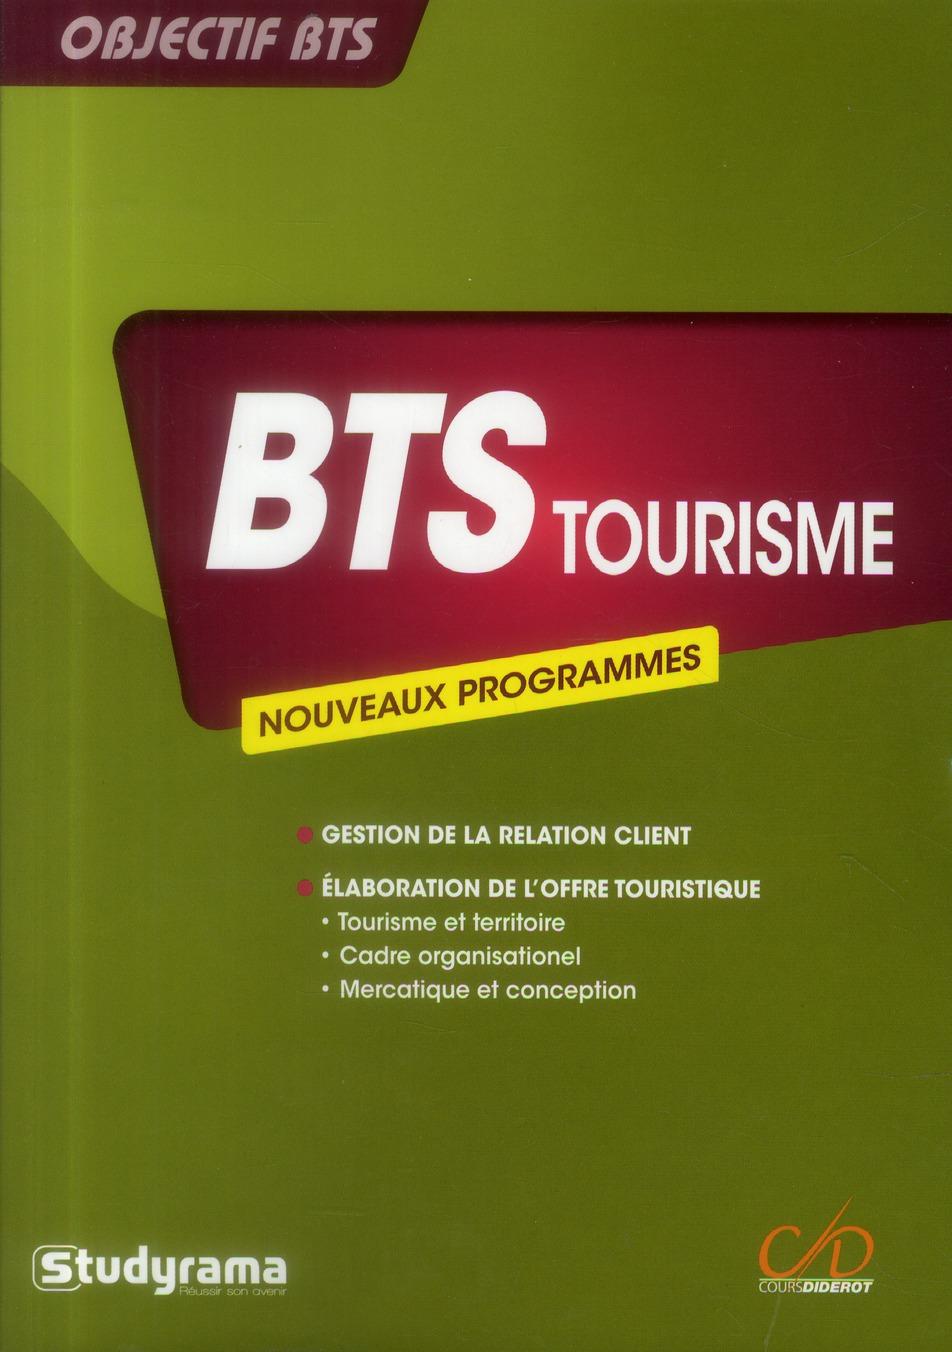 Bts Tourisme